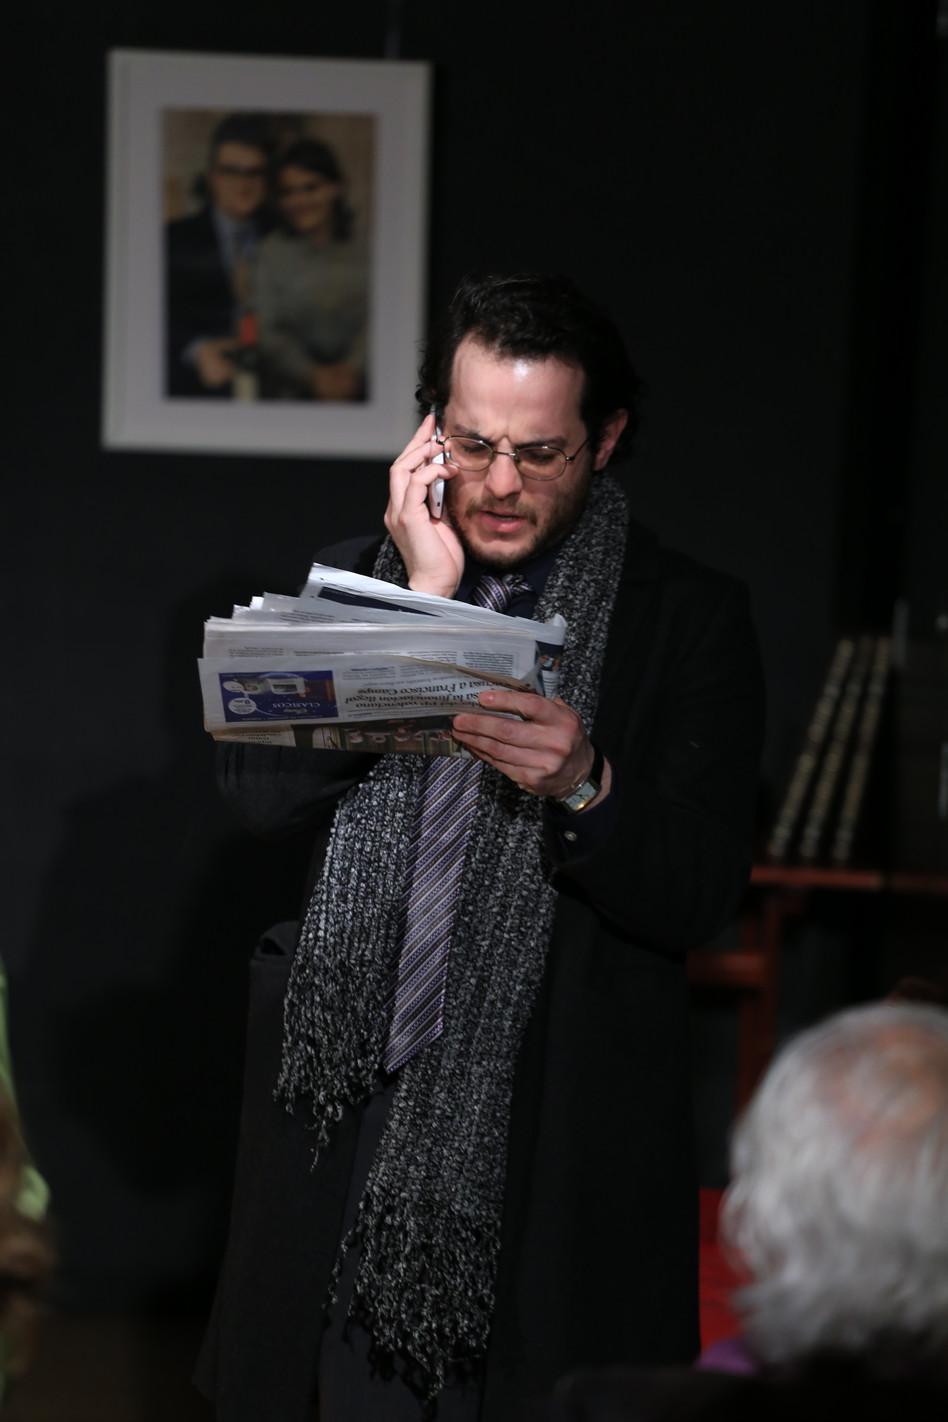 jordi ciurana actor creador jordiciurana